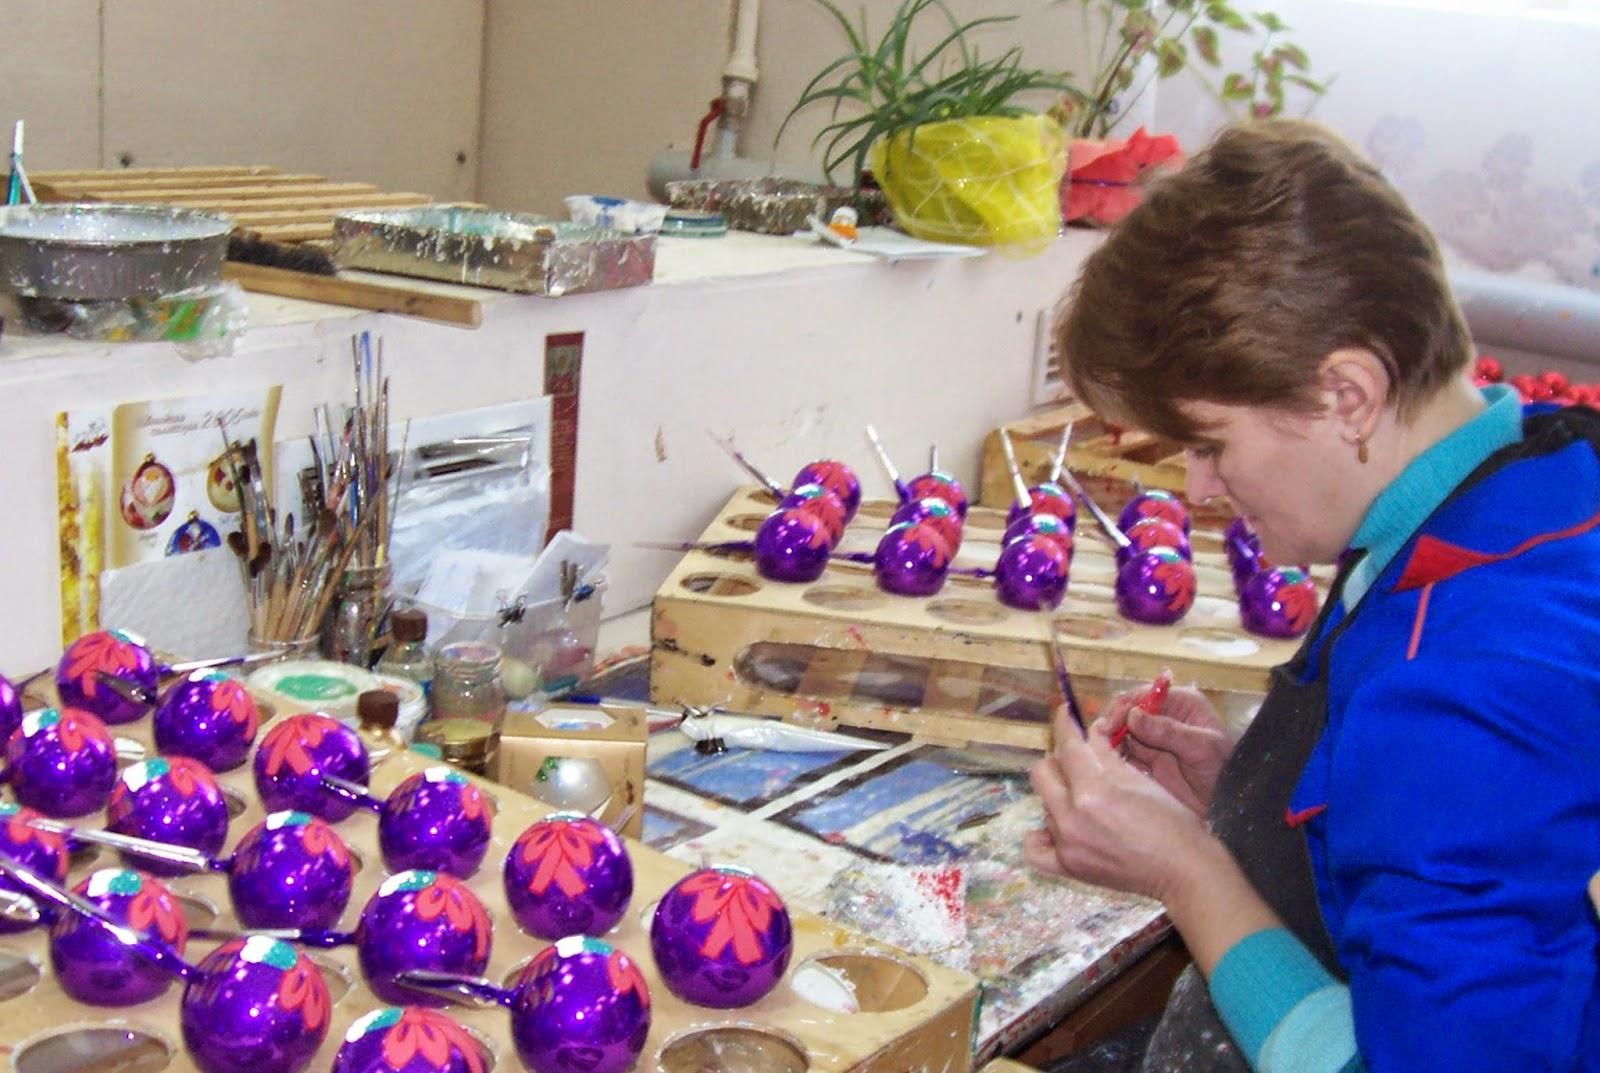 toys Christmas tree елочные игрушки Павлово-Посад фабрика ёлочных игрушек